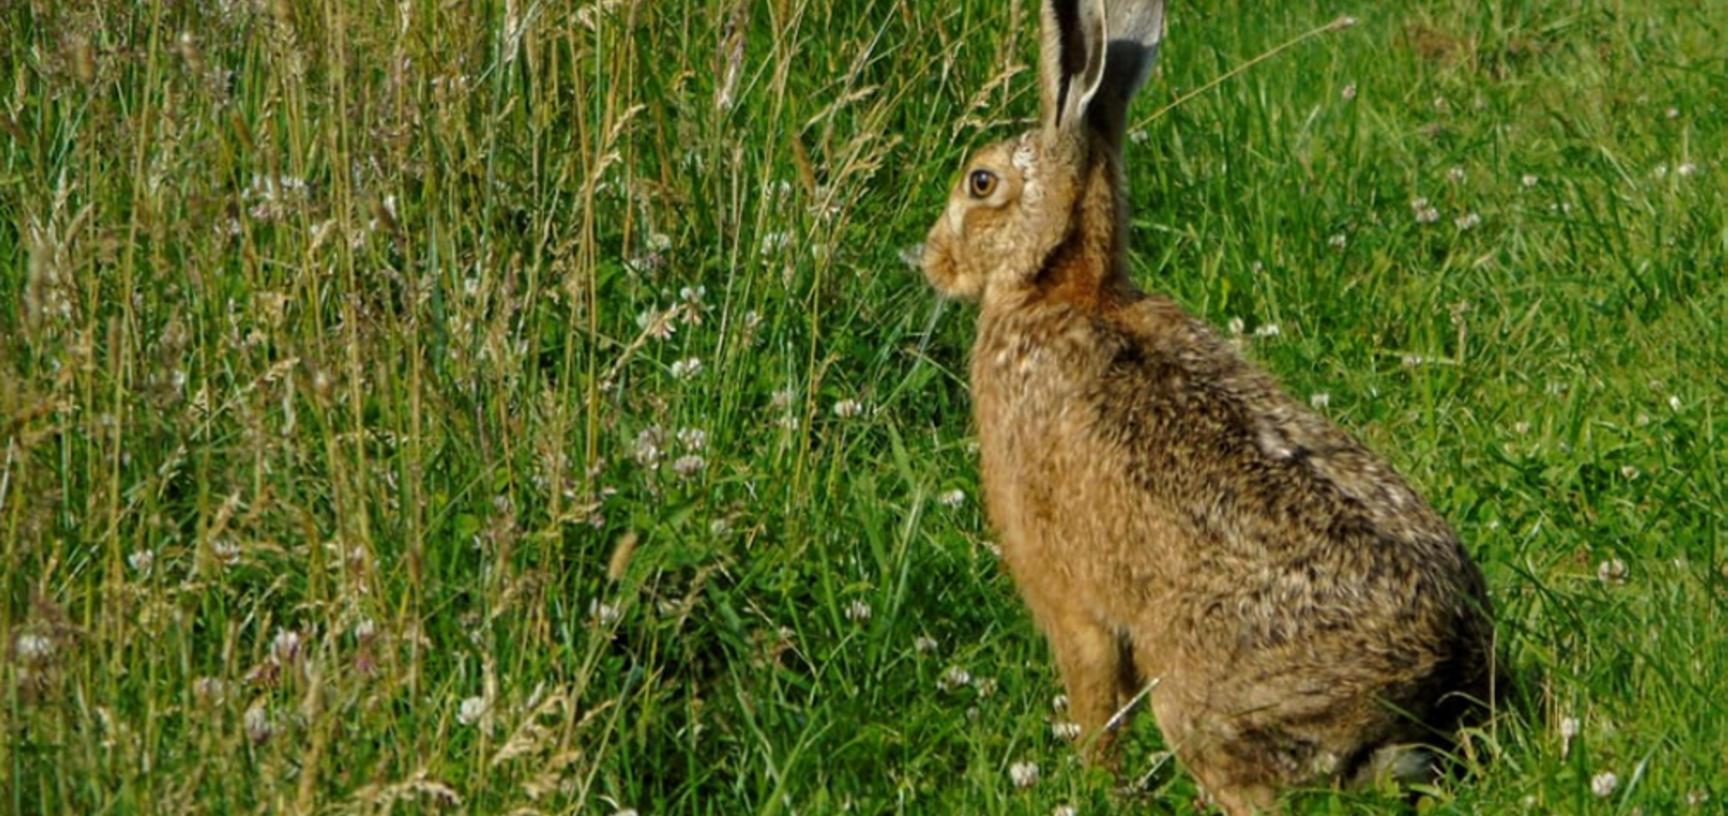 Hare at the Arboretum